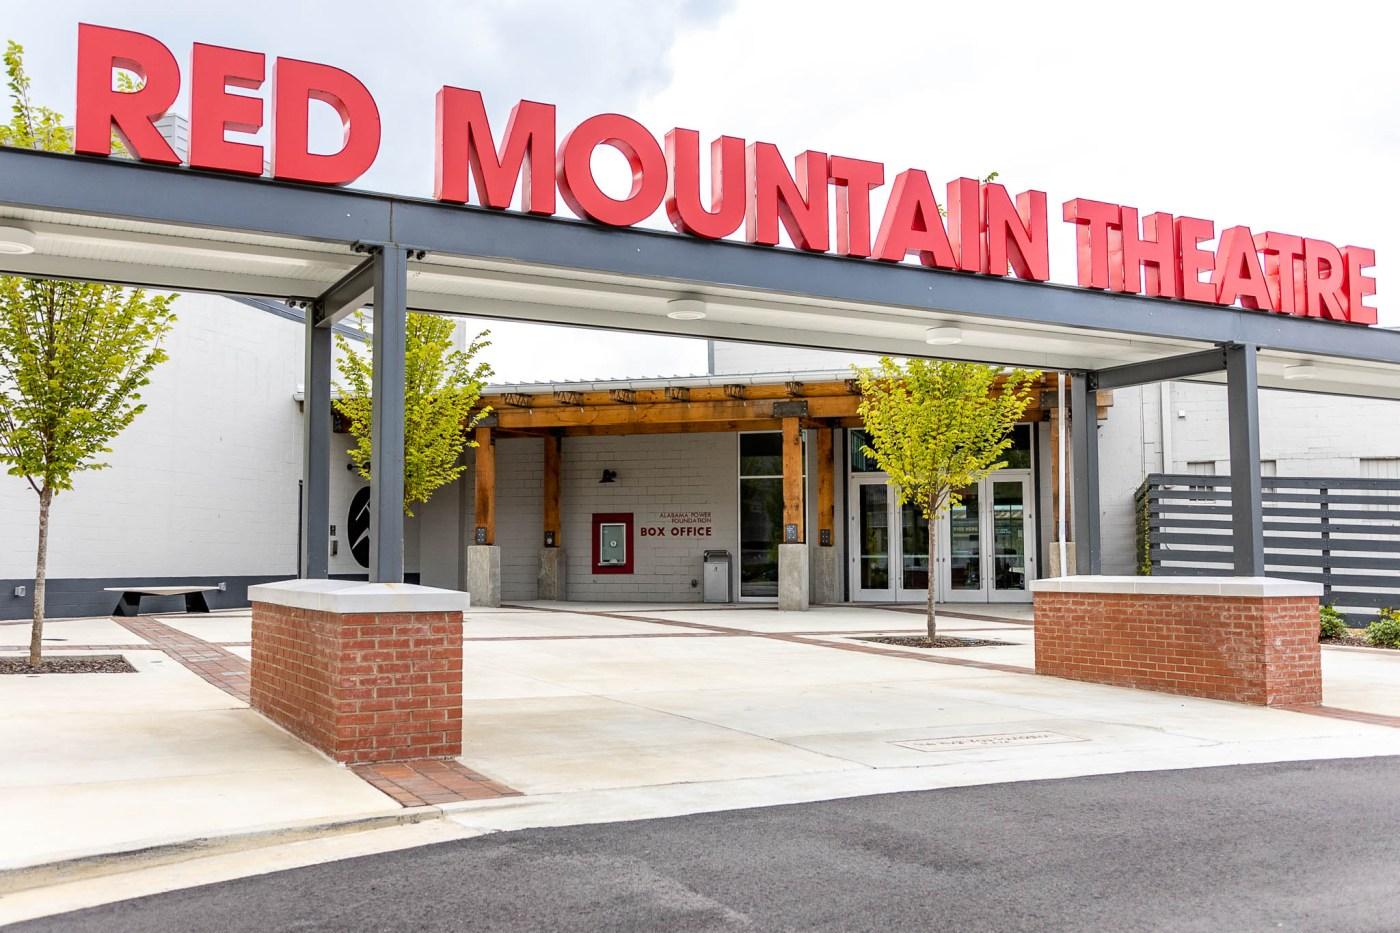 Red Mountain Theatre, Brandon McCall